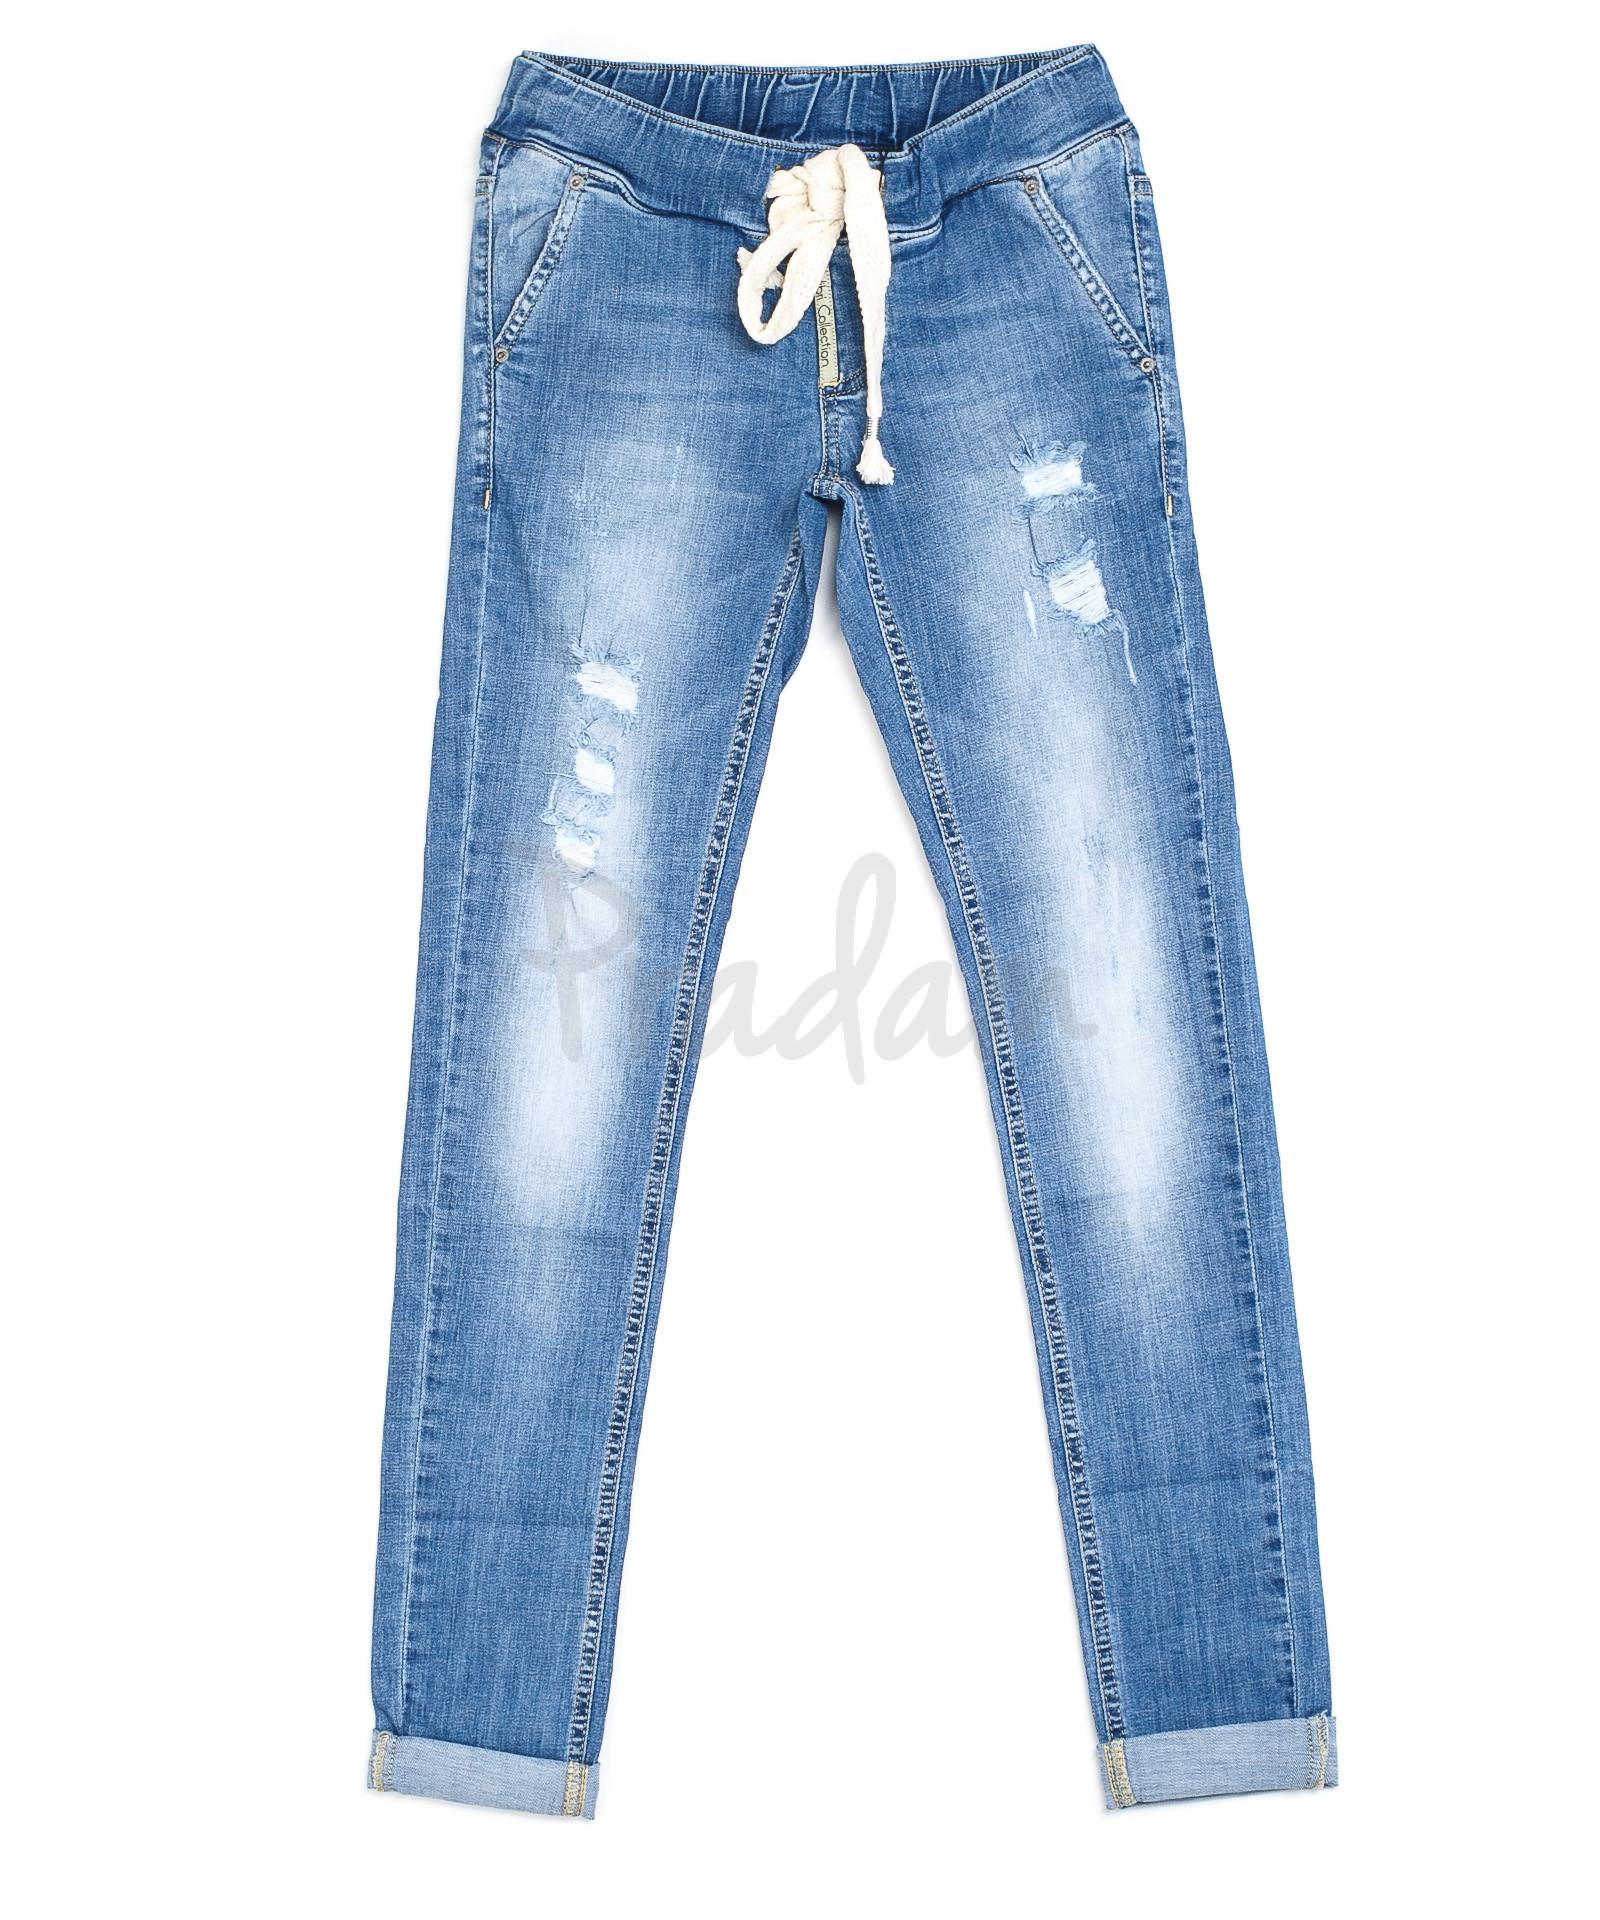 8171352eca7 Женские джинсы на резинке 9068-511 (25-30